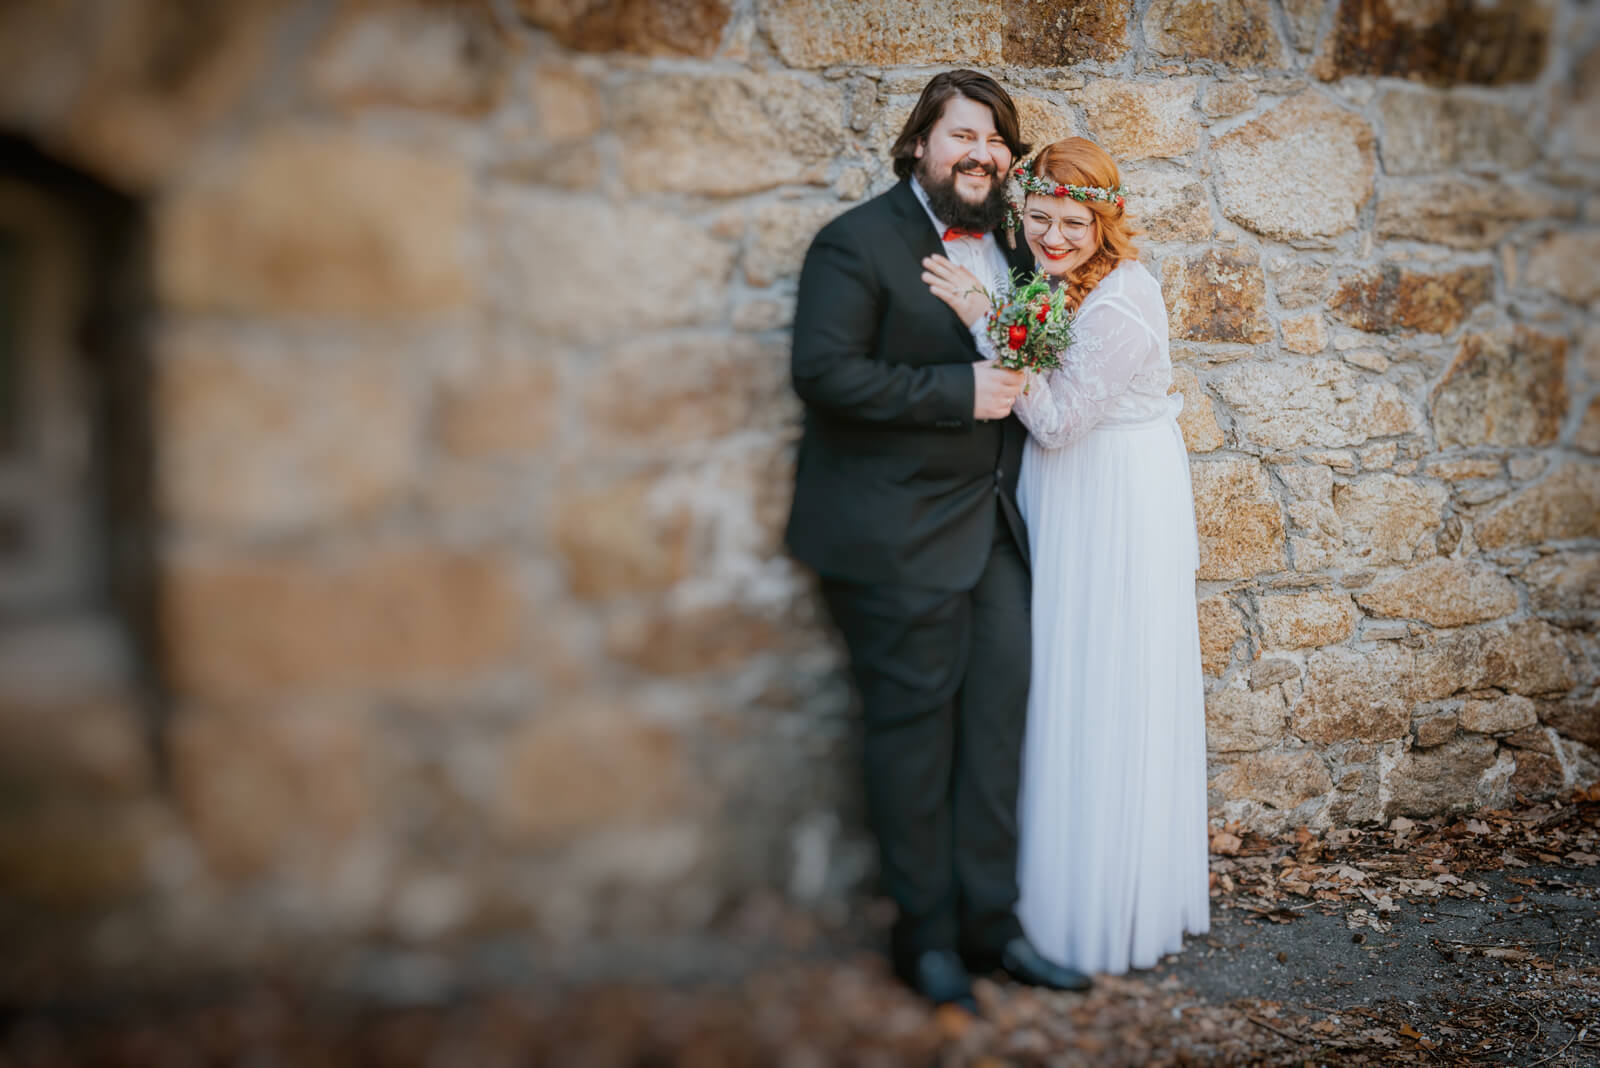 wir sind verheiratet!(foto: markus maierhofer)